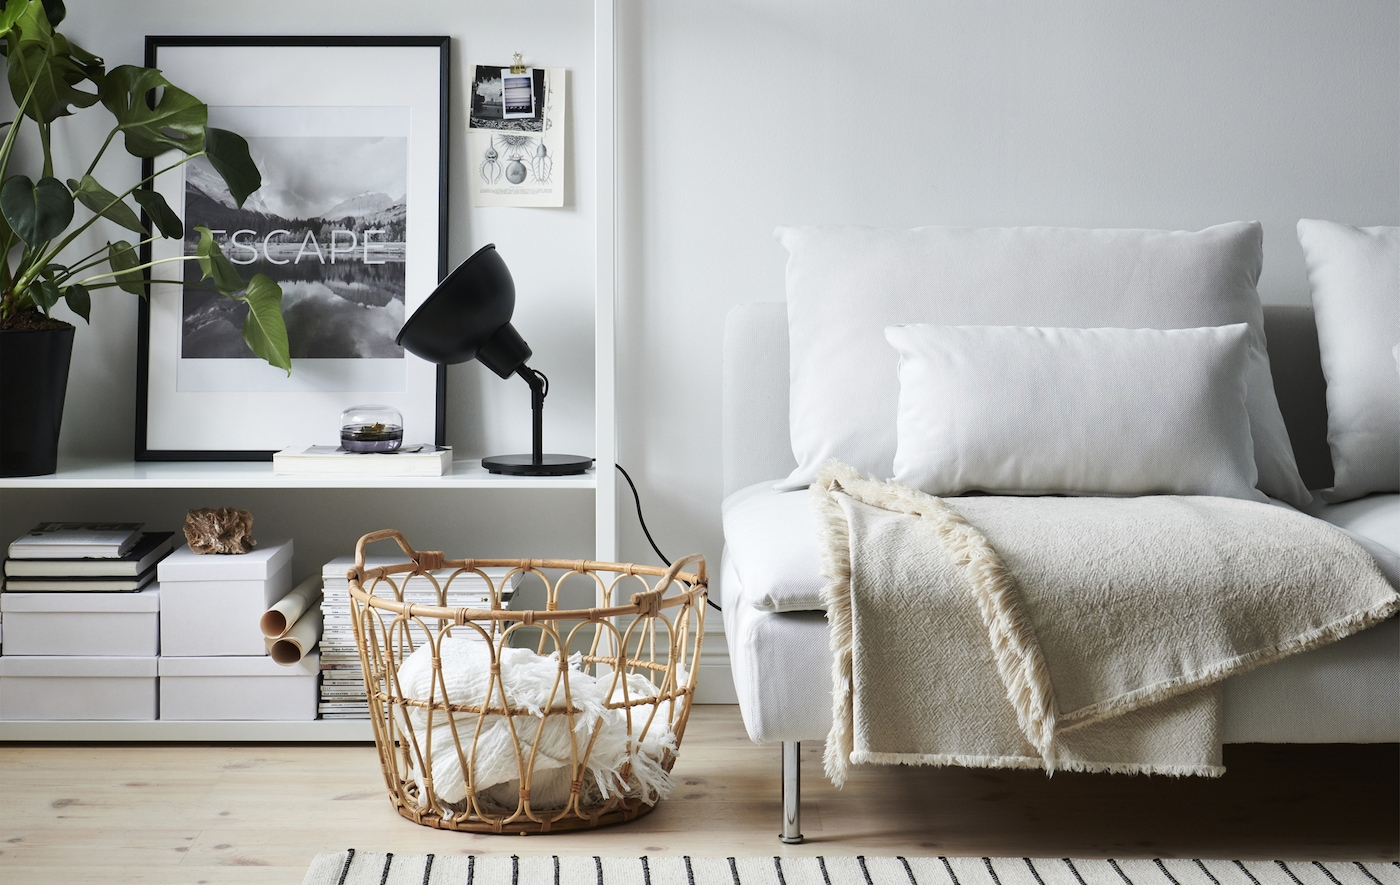 Un soggiorno con divano bianco, lampada nera, mobile a giorno e un cesto pieno di oggetti - IKEA